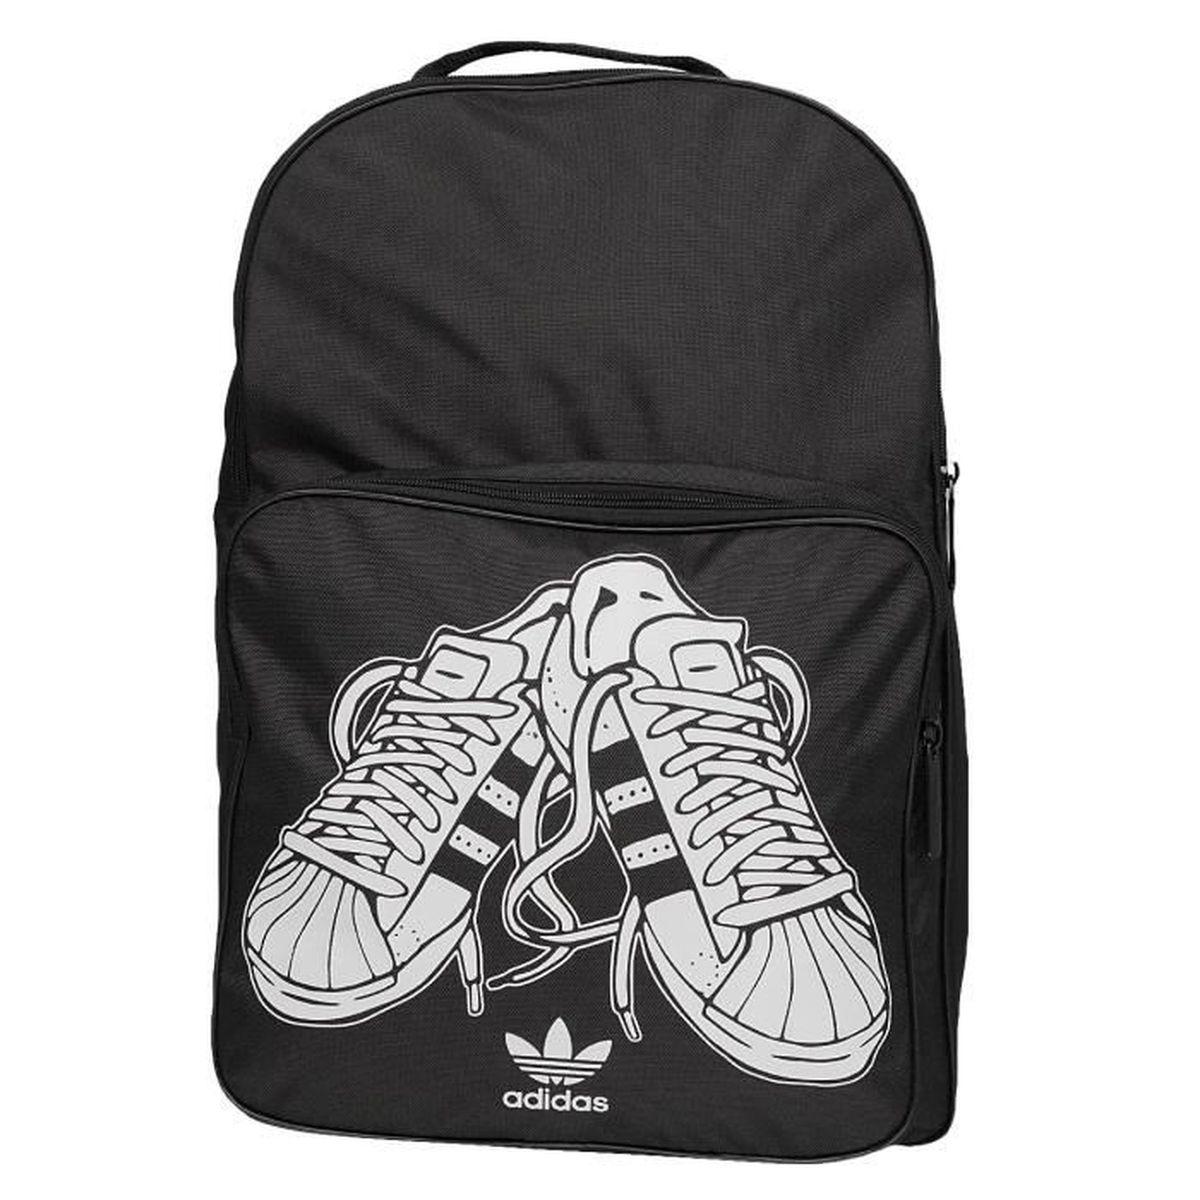 4d35b0497a Adidas Homme Accessoires / Sac à Dos Classic Sport noir One Size ...